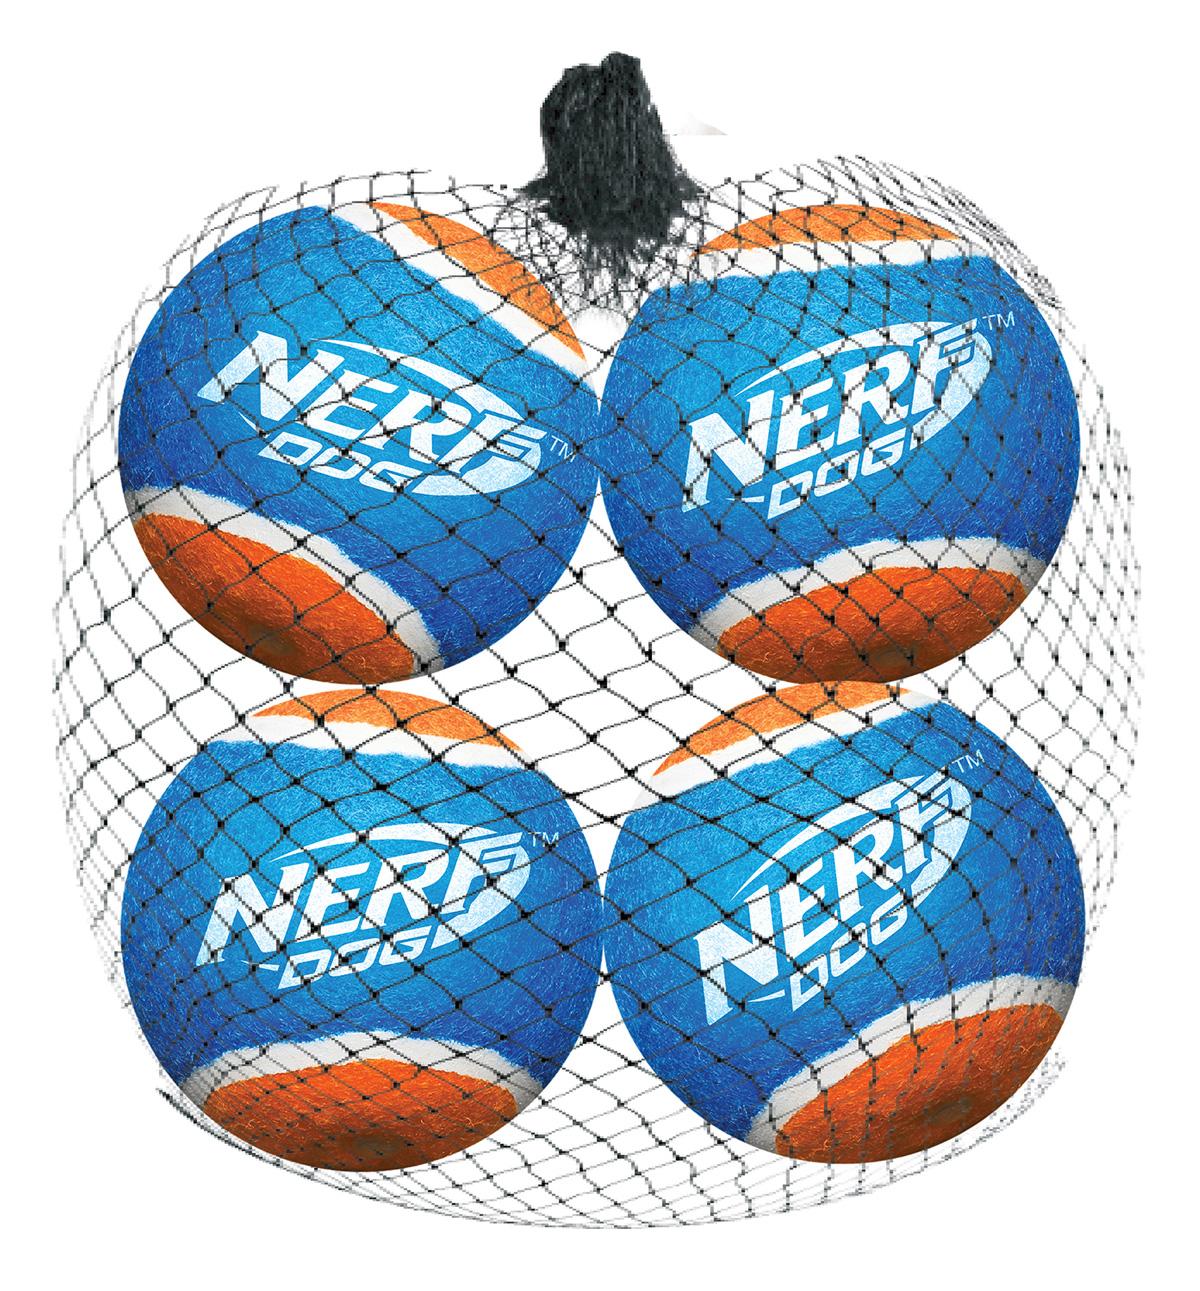 Мяч теннисный для бластера Nerf, диаметр 6 см, 4 шт0120710Высококачественные теннисные мячи для бластера NerfDog. Специально разработаны для максимальной траектории полета, безопасны, удобны для захвата. Игрушки Nerf Dog представлены в различных сериях в зависимости от рисунка, фактуры и материала, из которого они изготовлены (резина, ТПР, нейлон, пластик, каучук). Размер: 6 см.